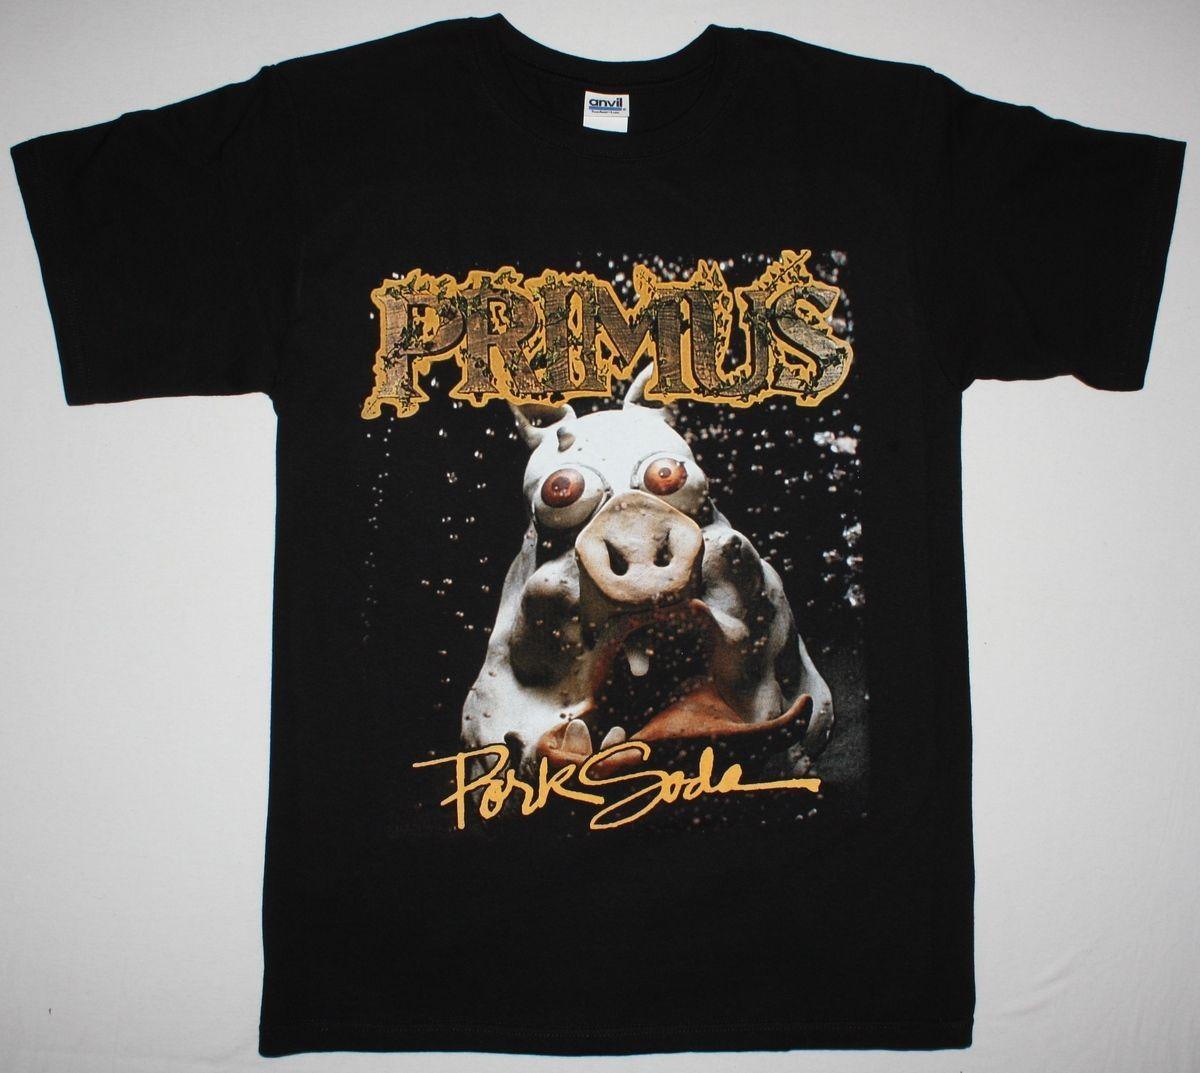 Primus Pork Soda'93 Les Claypool Saucisse Funk Alternative Rock Nouveau T-shirt Noir Pour Hommes 100% Coton Imprimé À Manches Courtes